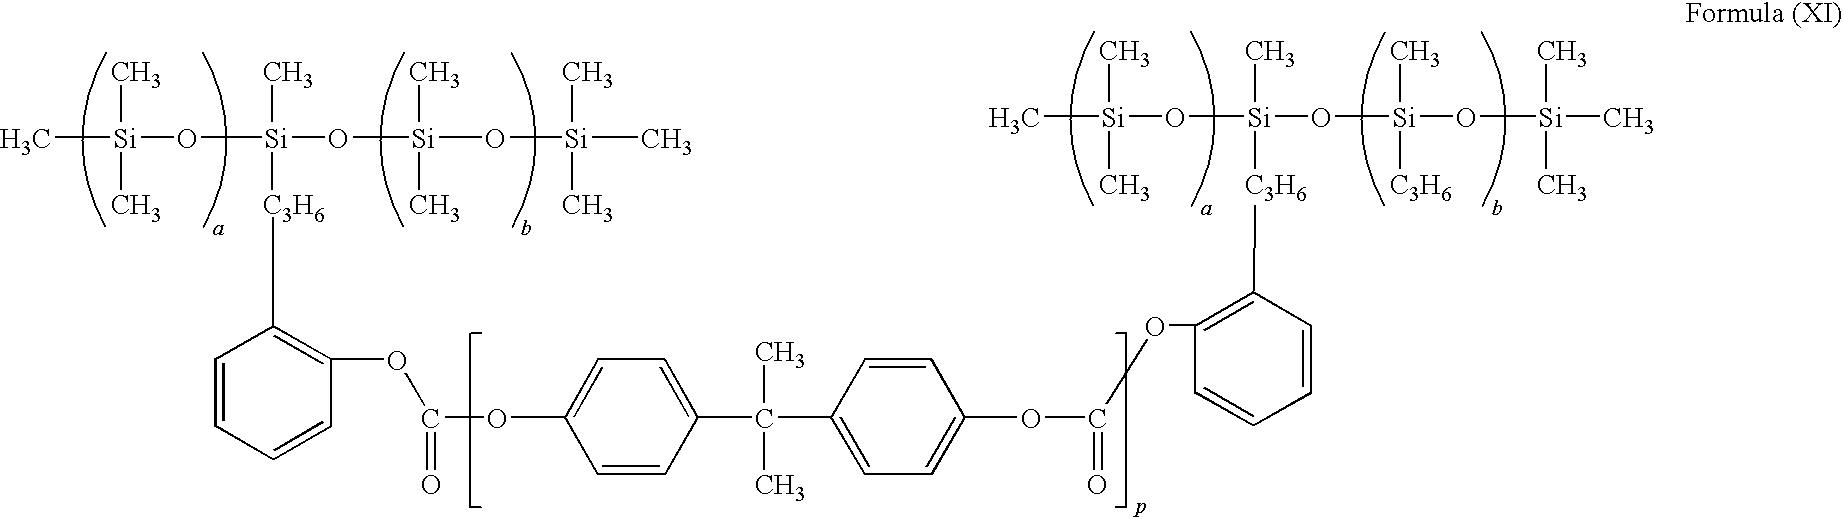 Figure US07943278-20110517-C00046